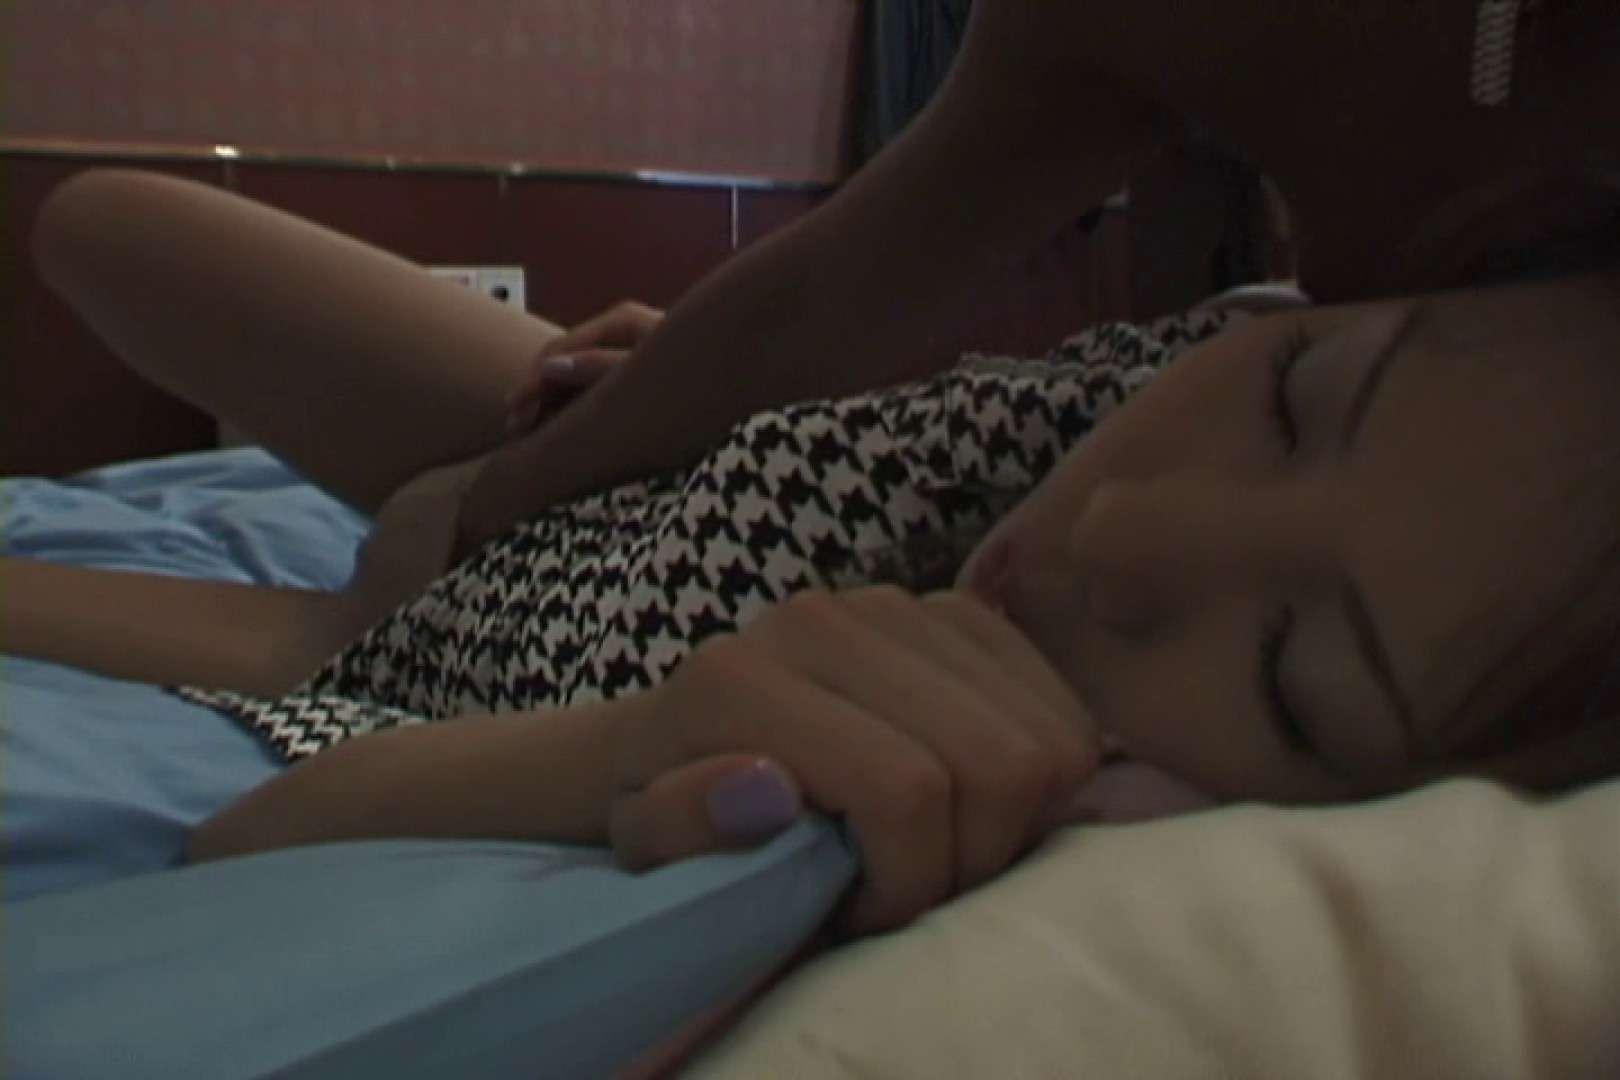 旦那との愛よりも、愛人とのSEX~片瀬梨子~vol,1 バイブプレイ セックス無修正動画無料 107pic 54